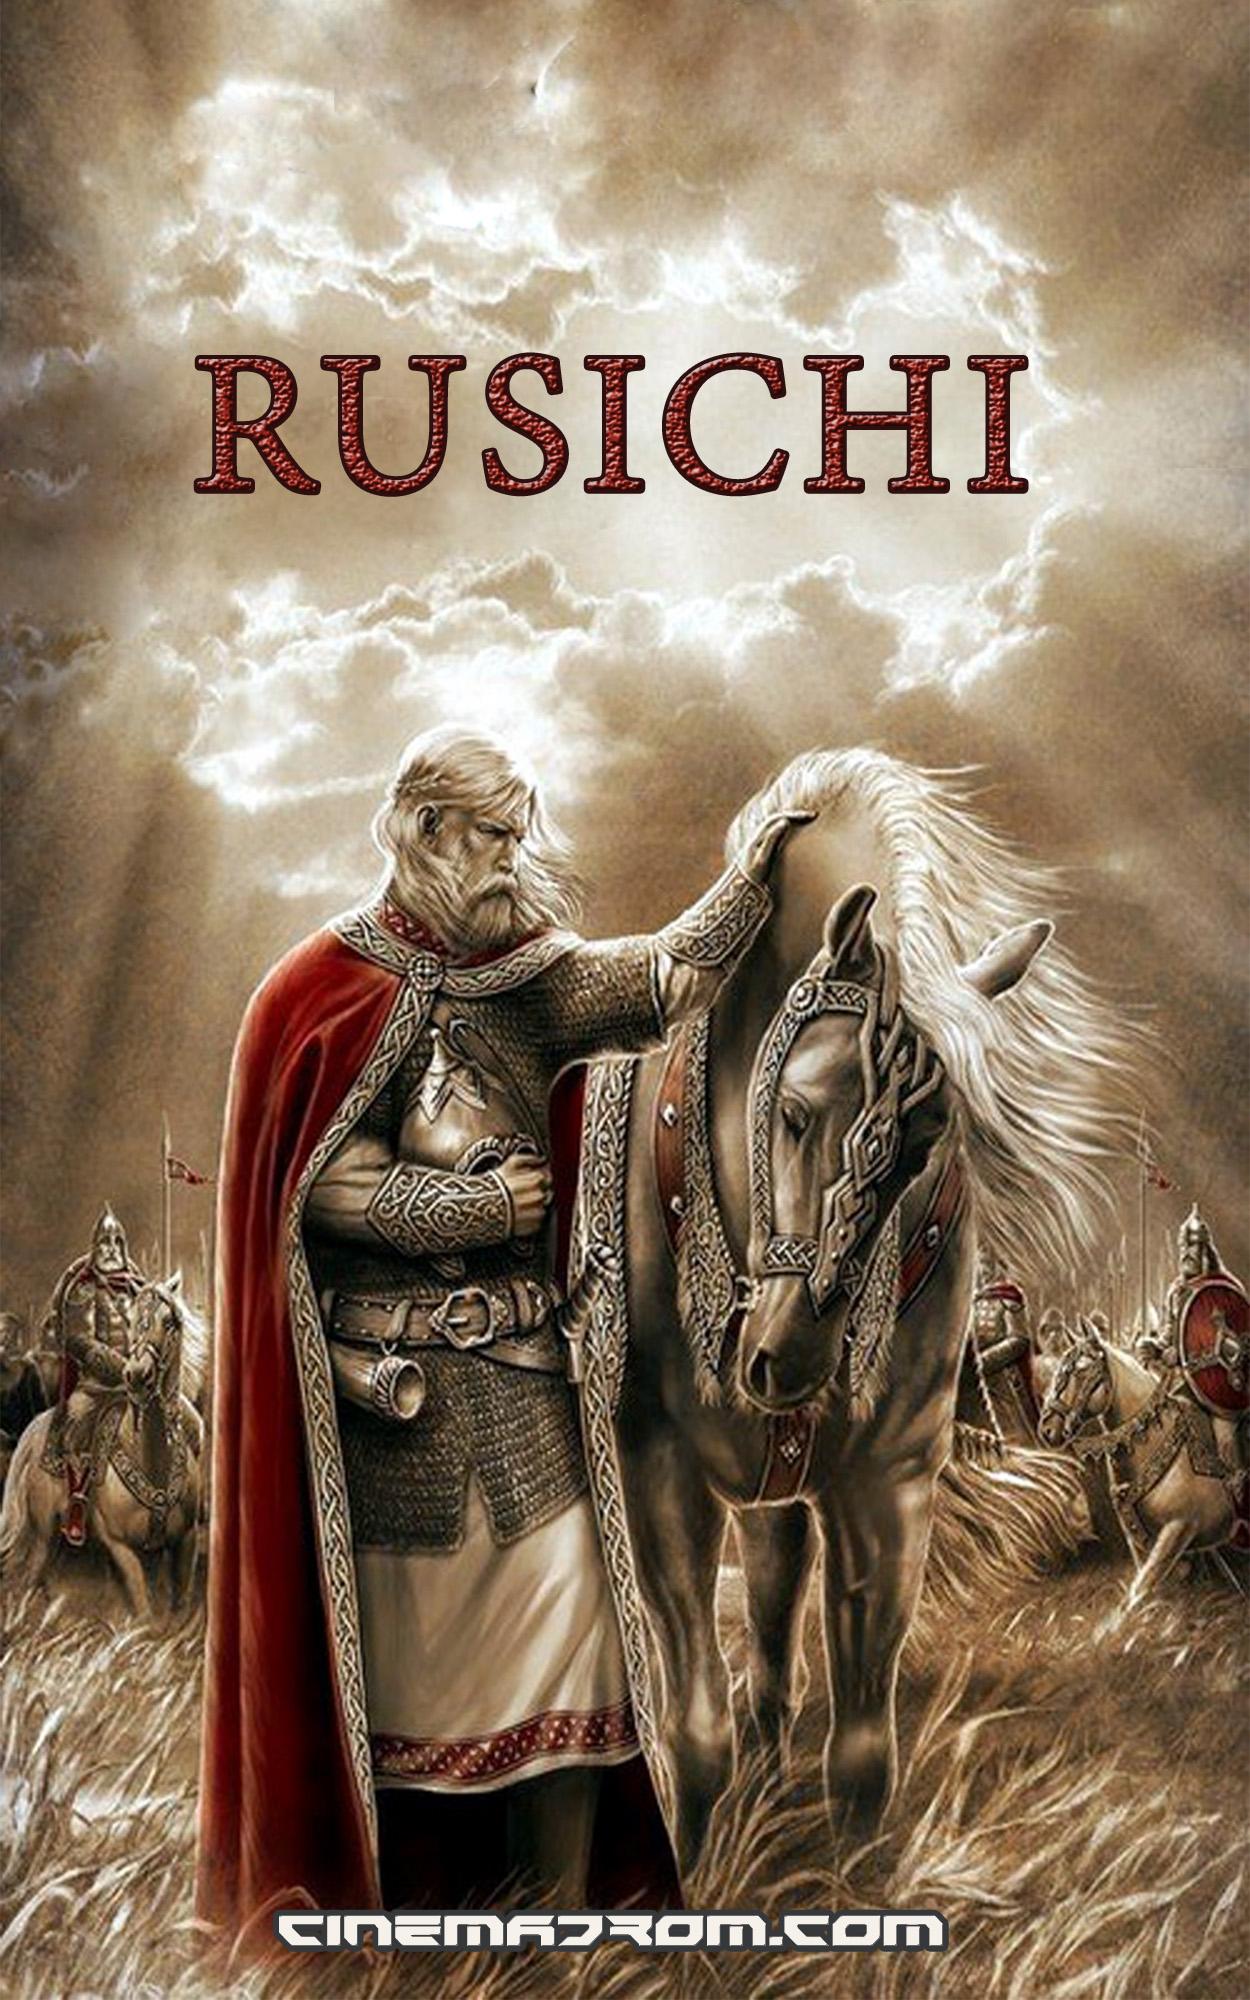 Постер РУСЬ-1EN